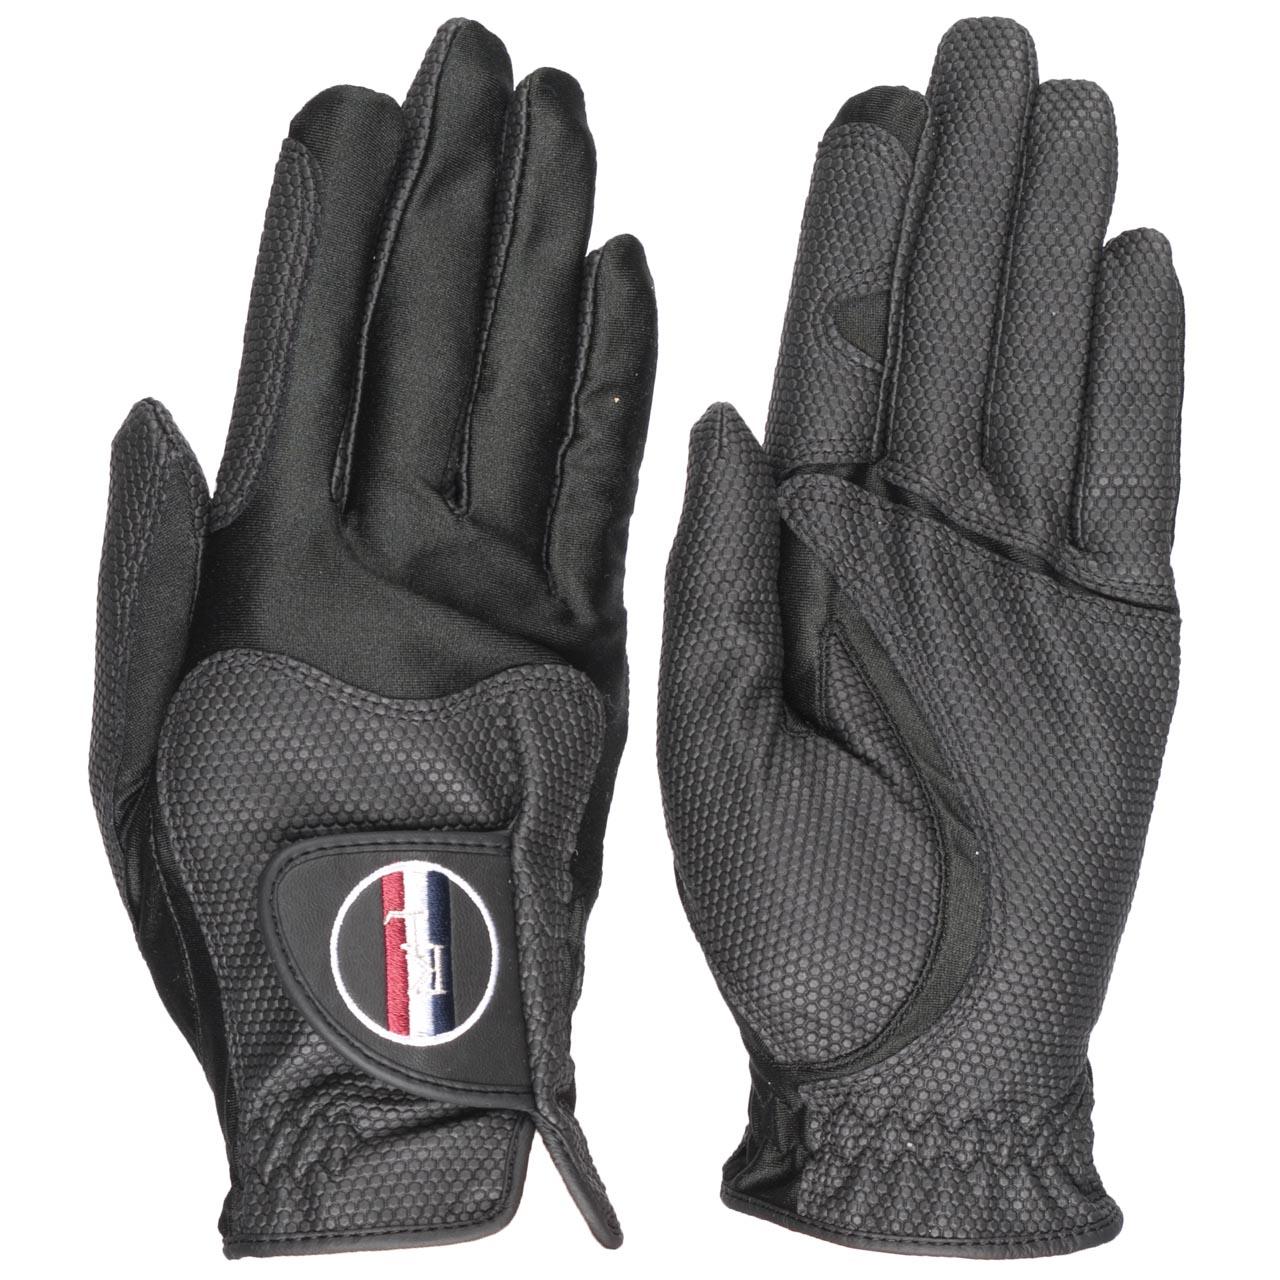 Kingsland Classic handschoenen zwart maat:l